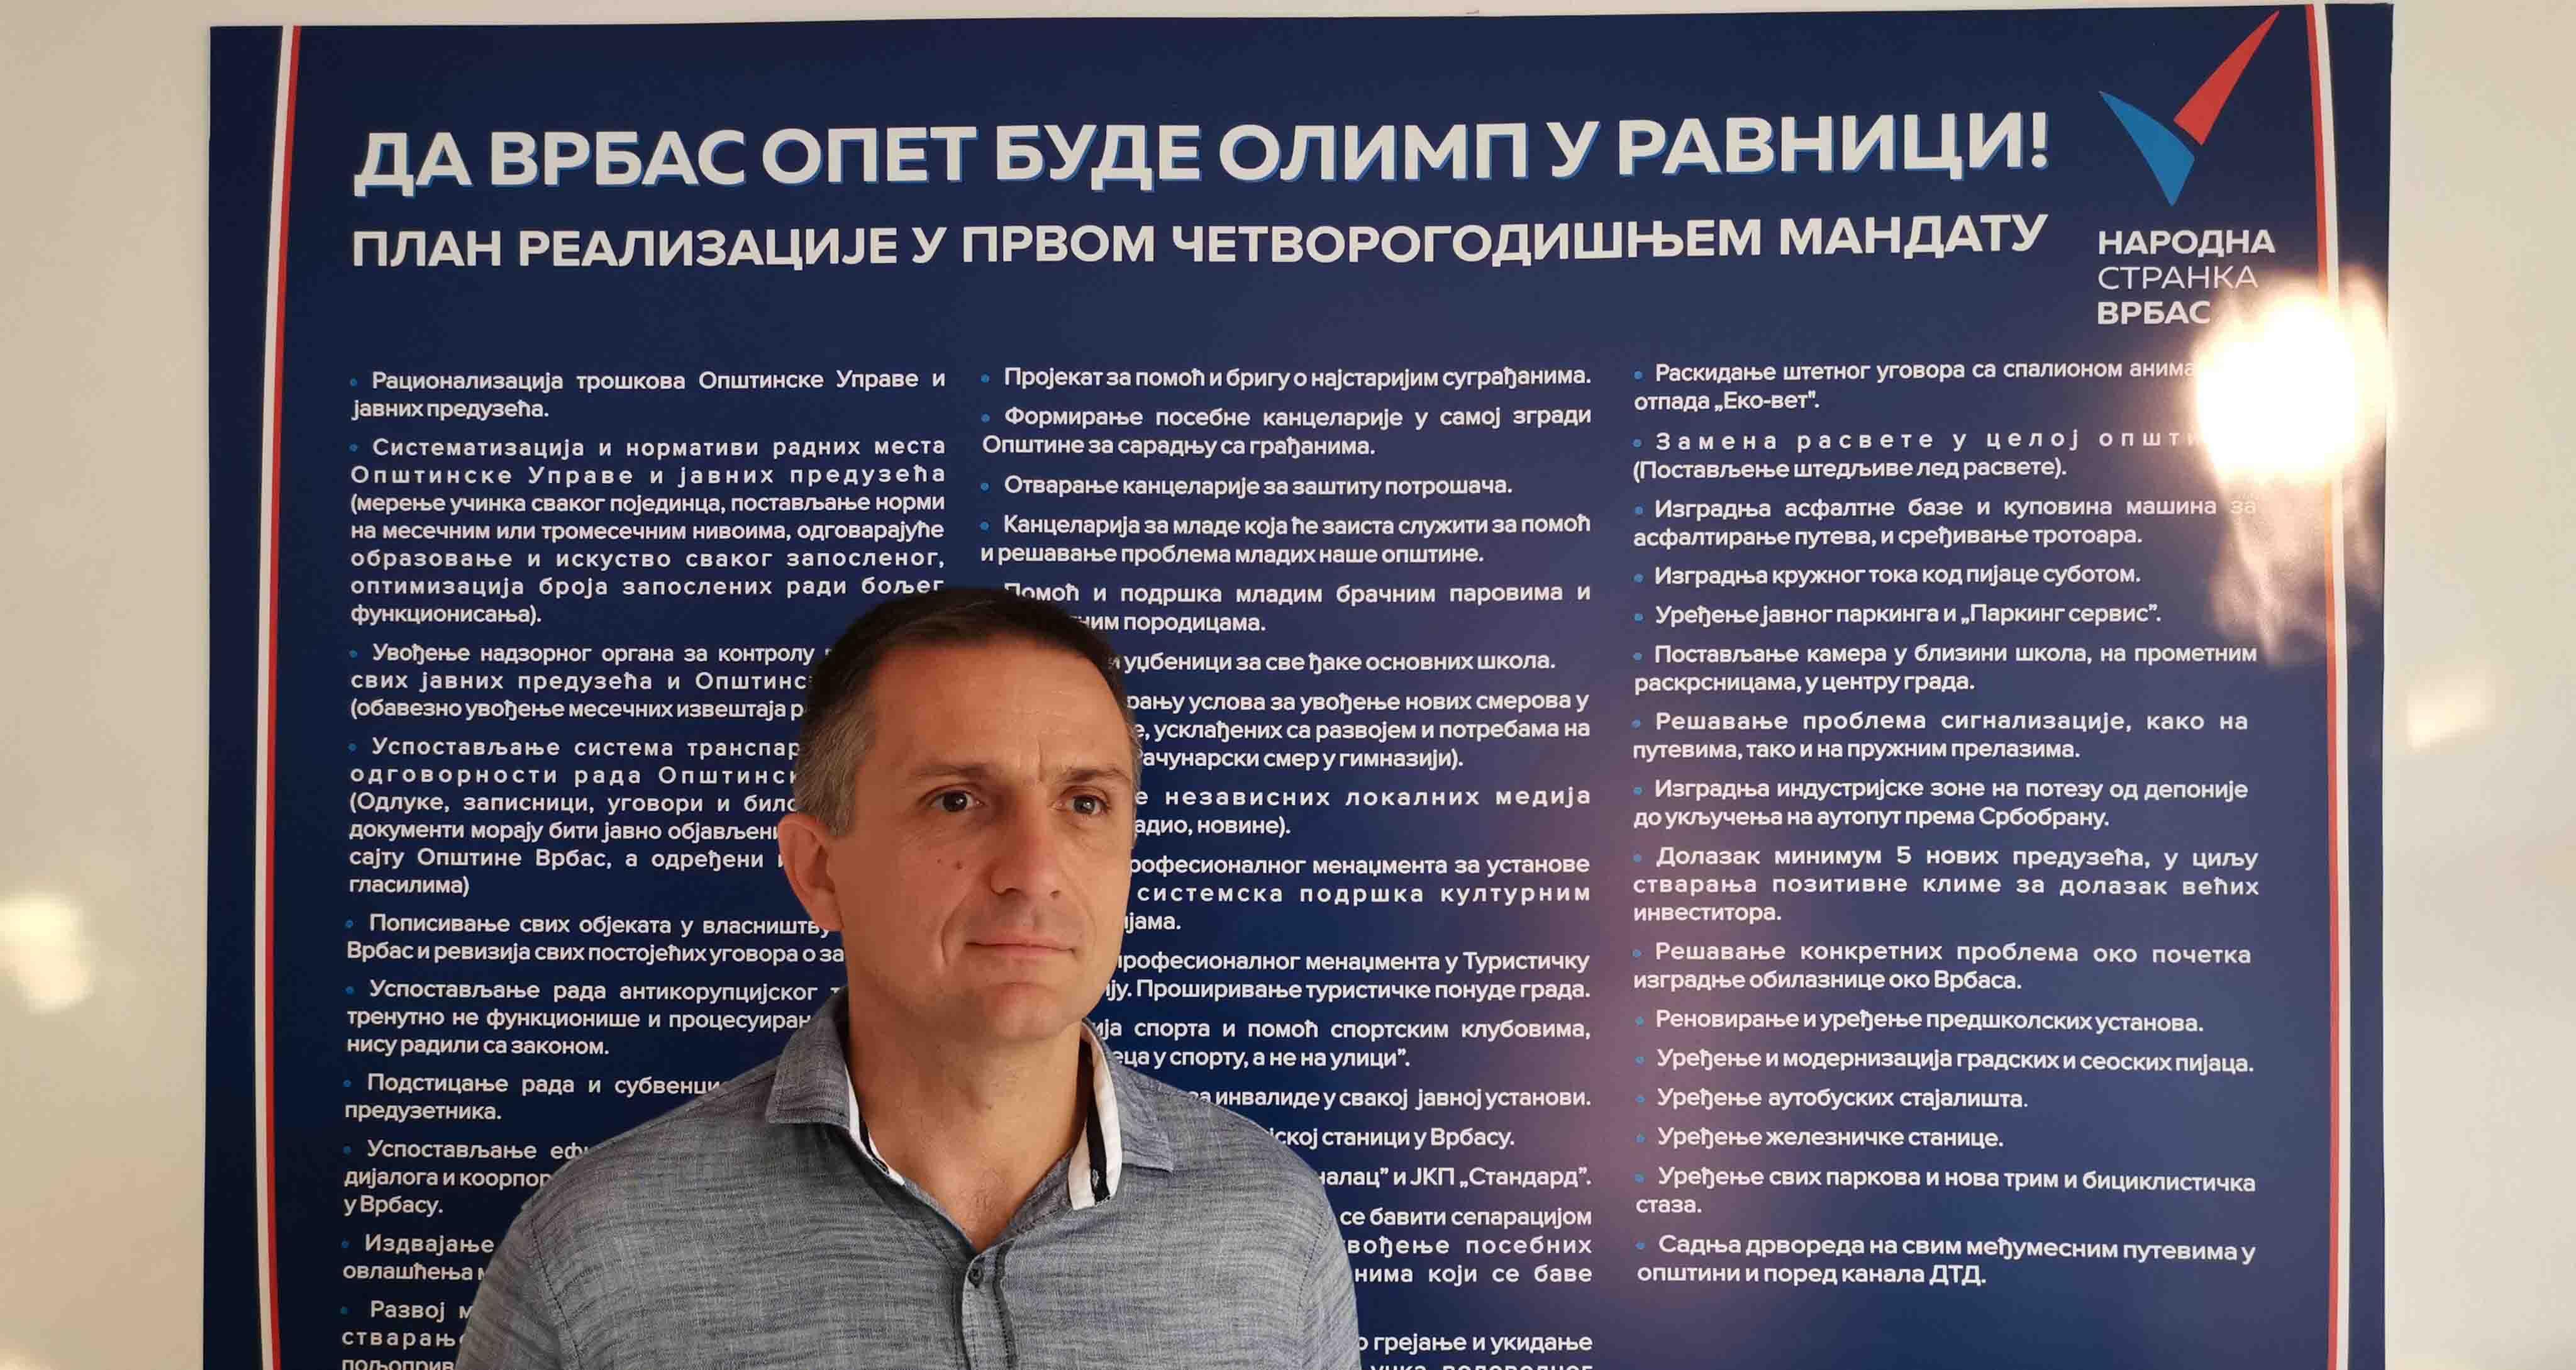 Народна странка Врбас: План за вођење локалне самоуправе – нови приступ политици